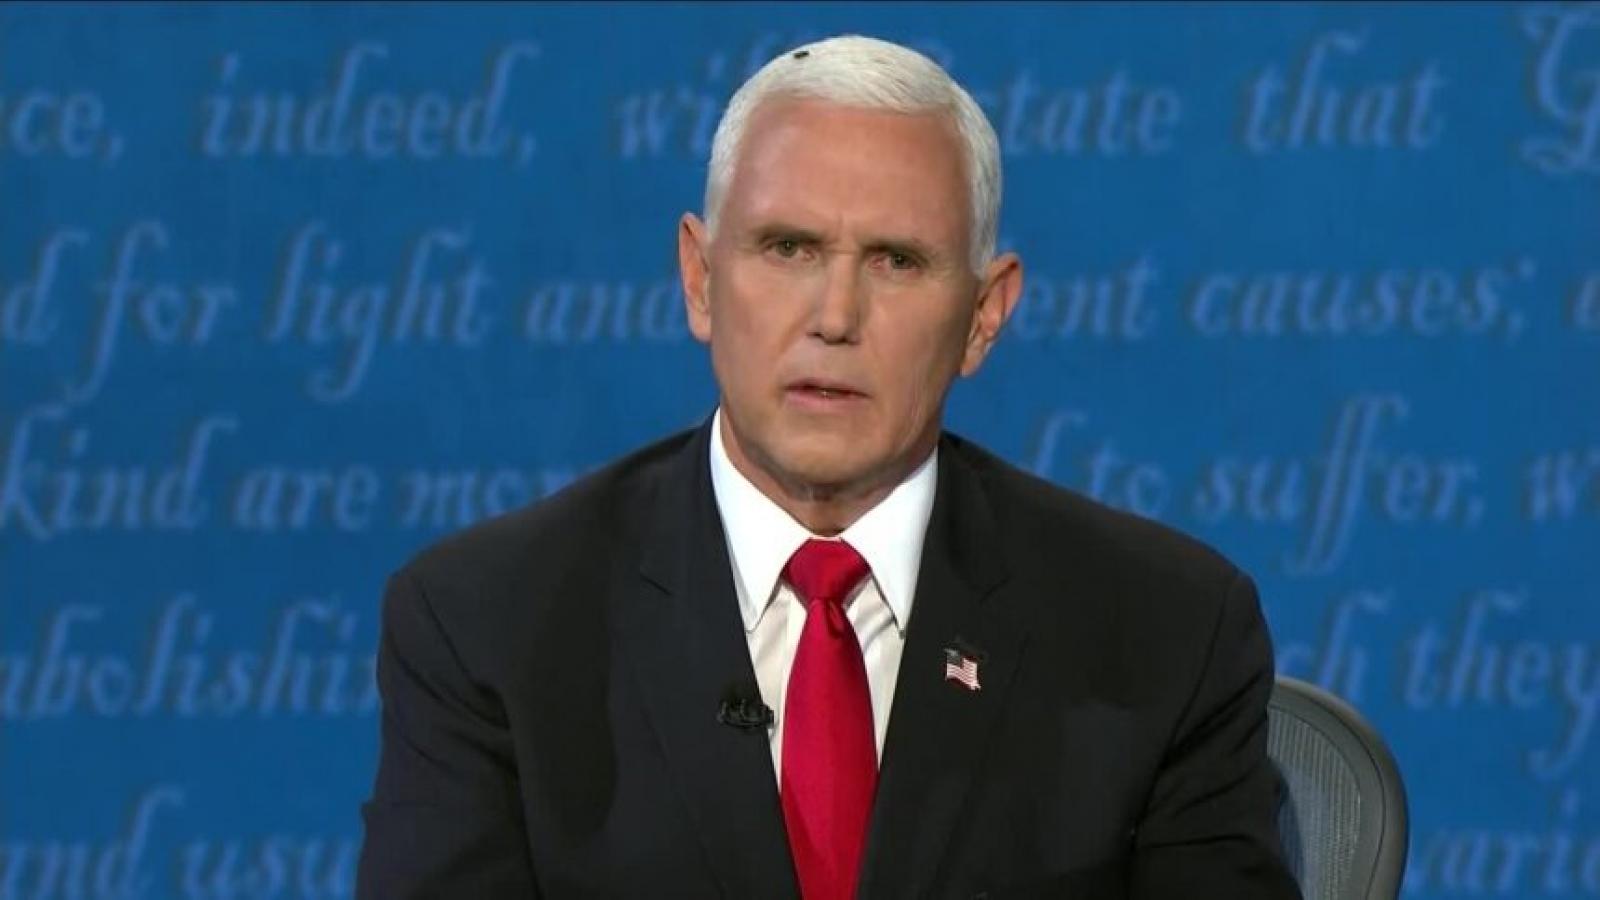 """Bất ngờ với """"vị khách không mời mà đến"""" trên đầu ông Pence giữa cuộc tranh luận"""